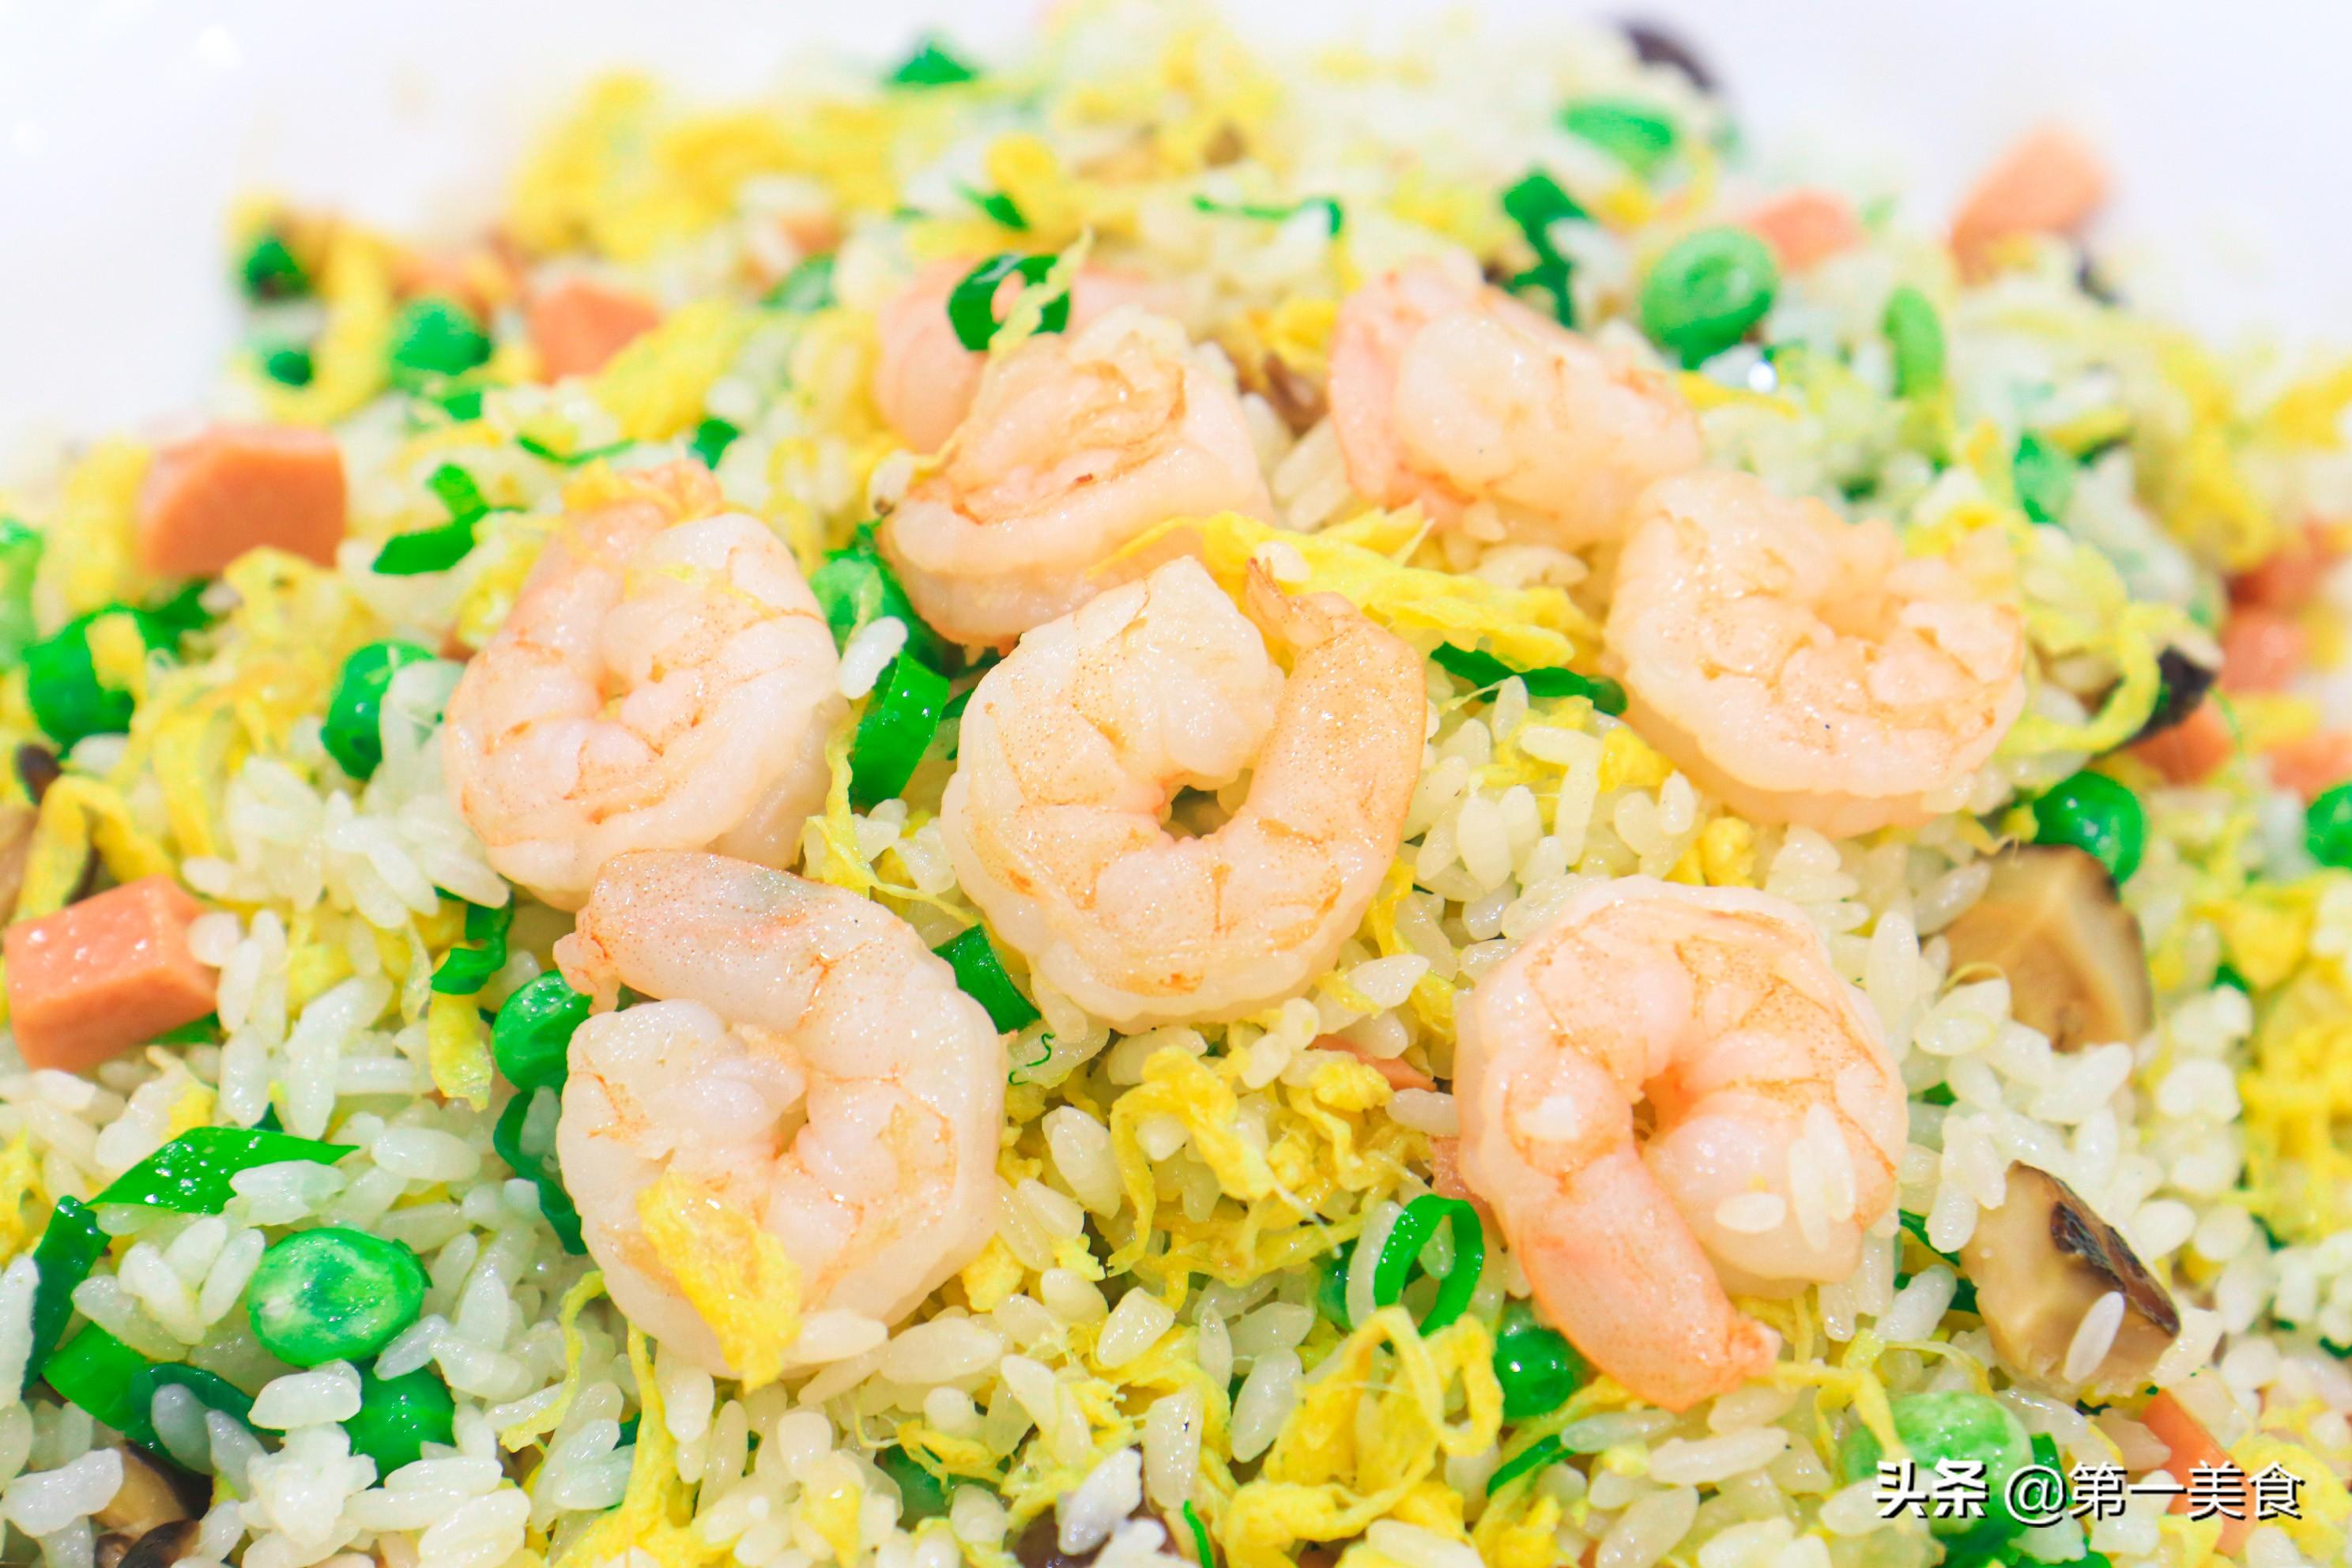 【蛋炒饭】做法步骤图 米饭金黄松散 粒粒分明